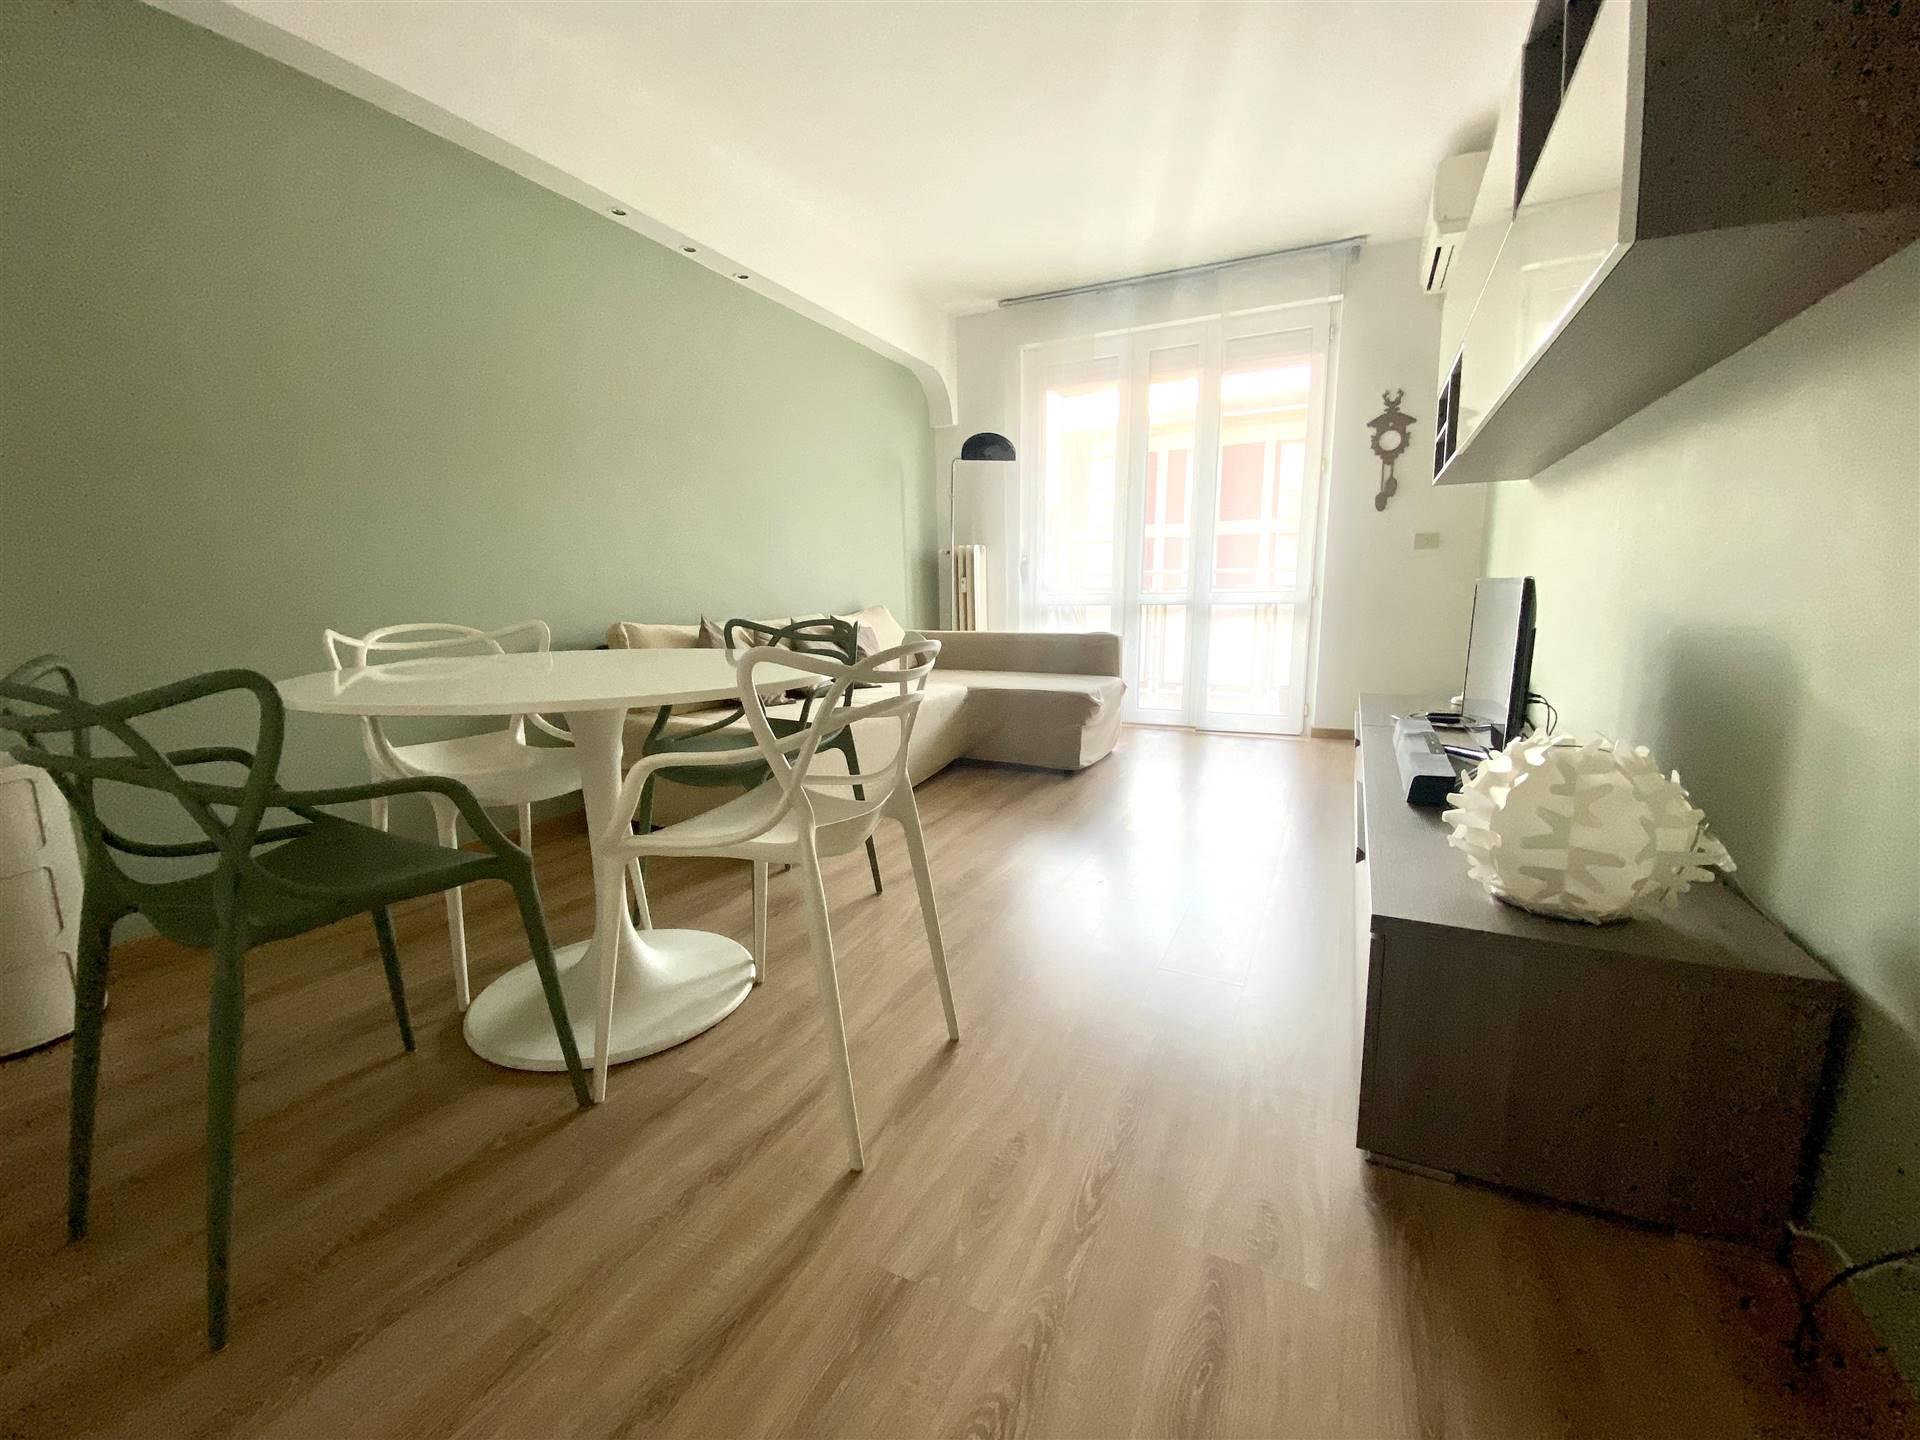 SEMPIONE, MILANO, Квартира в аренду, После ремонта, Отопление Централизиванное, Класс энергосбережения: G, Epi: 256,4 kwh/m2 год, на земле 7° на 8, состоит из: 2 Помещения, Кухня, , 1 Комнаты, 1